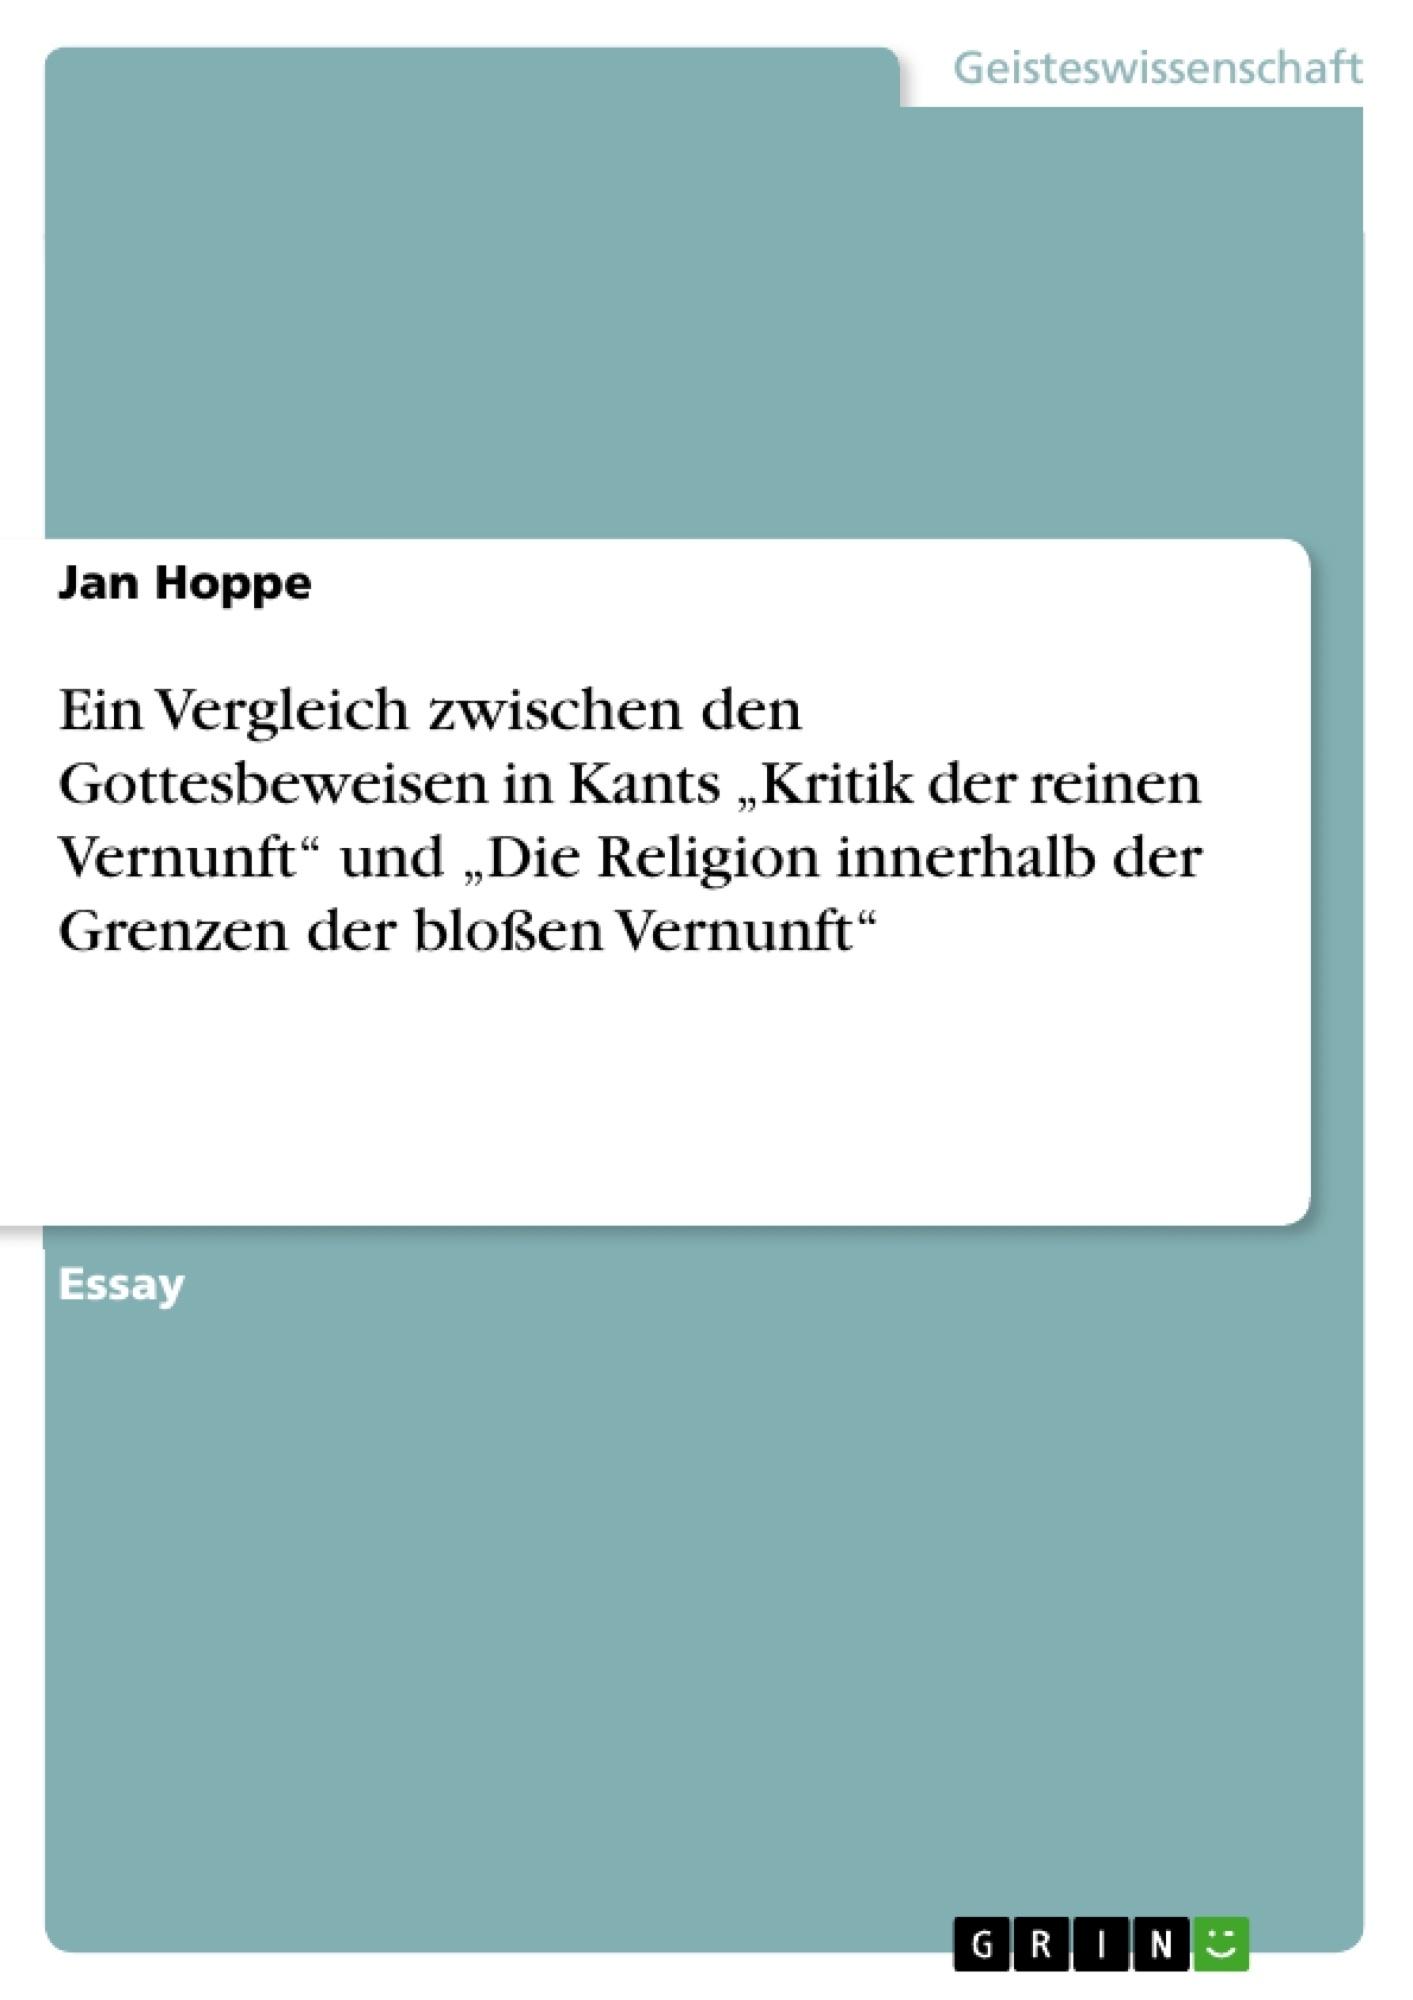 """Titel: Ein Vergleich zwischen den Gottesbeweisen in Kants """"Kritik der reinen Vernunft"""" und """"Die Religion innerhalb der Grenzen der bloßen Vernunft"""""""